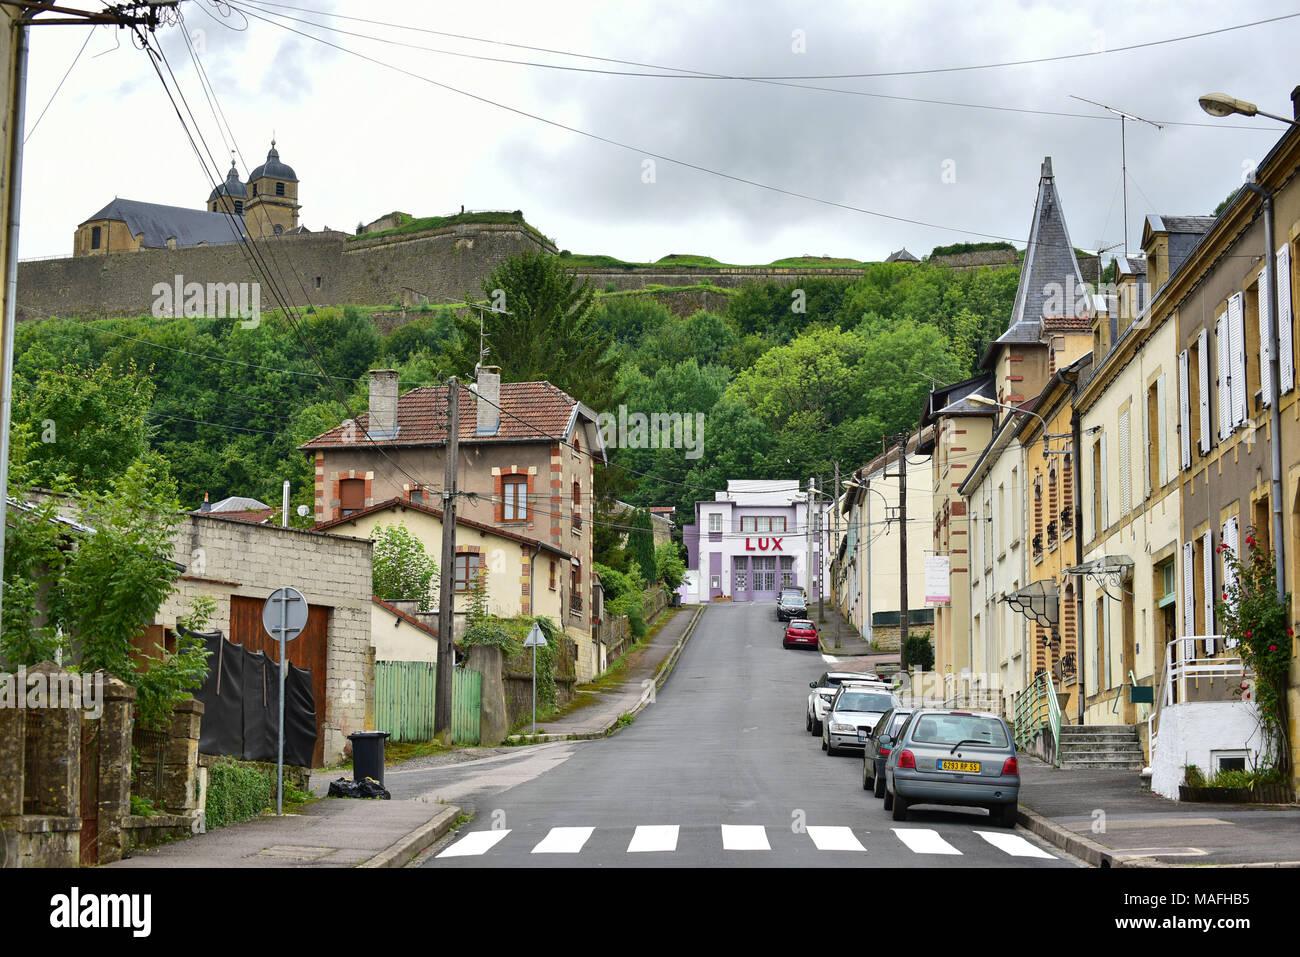 Street view in Montmédy, un comune nel dipartimento della Mosa nella Grand Est nel nord-est della Francia. Immagini Stock